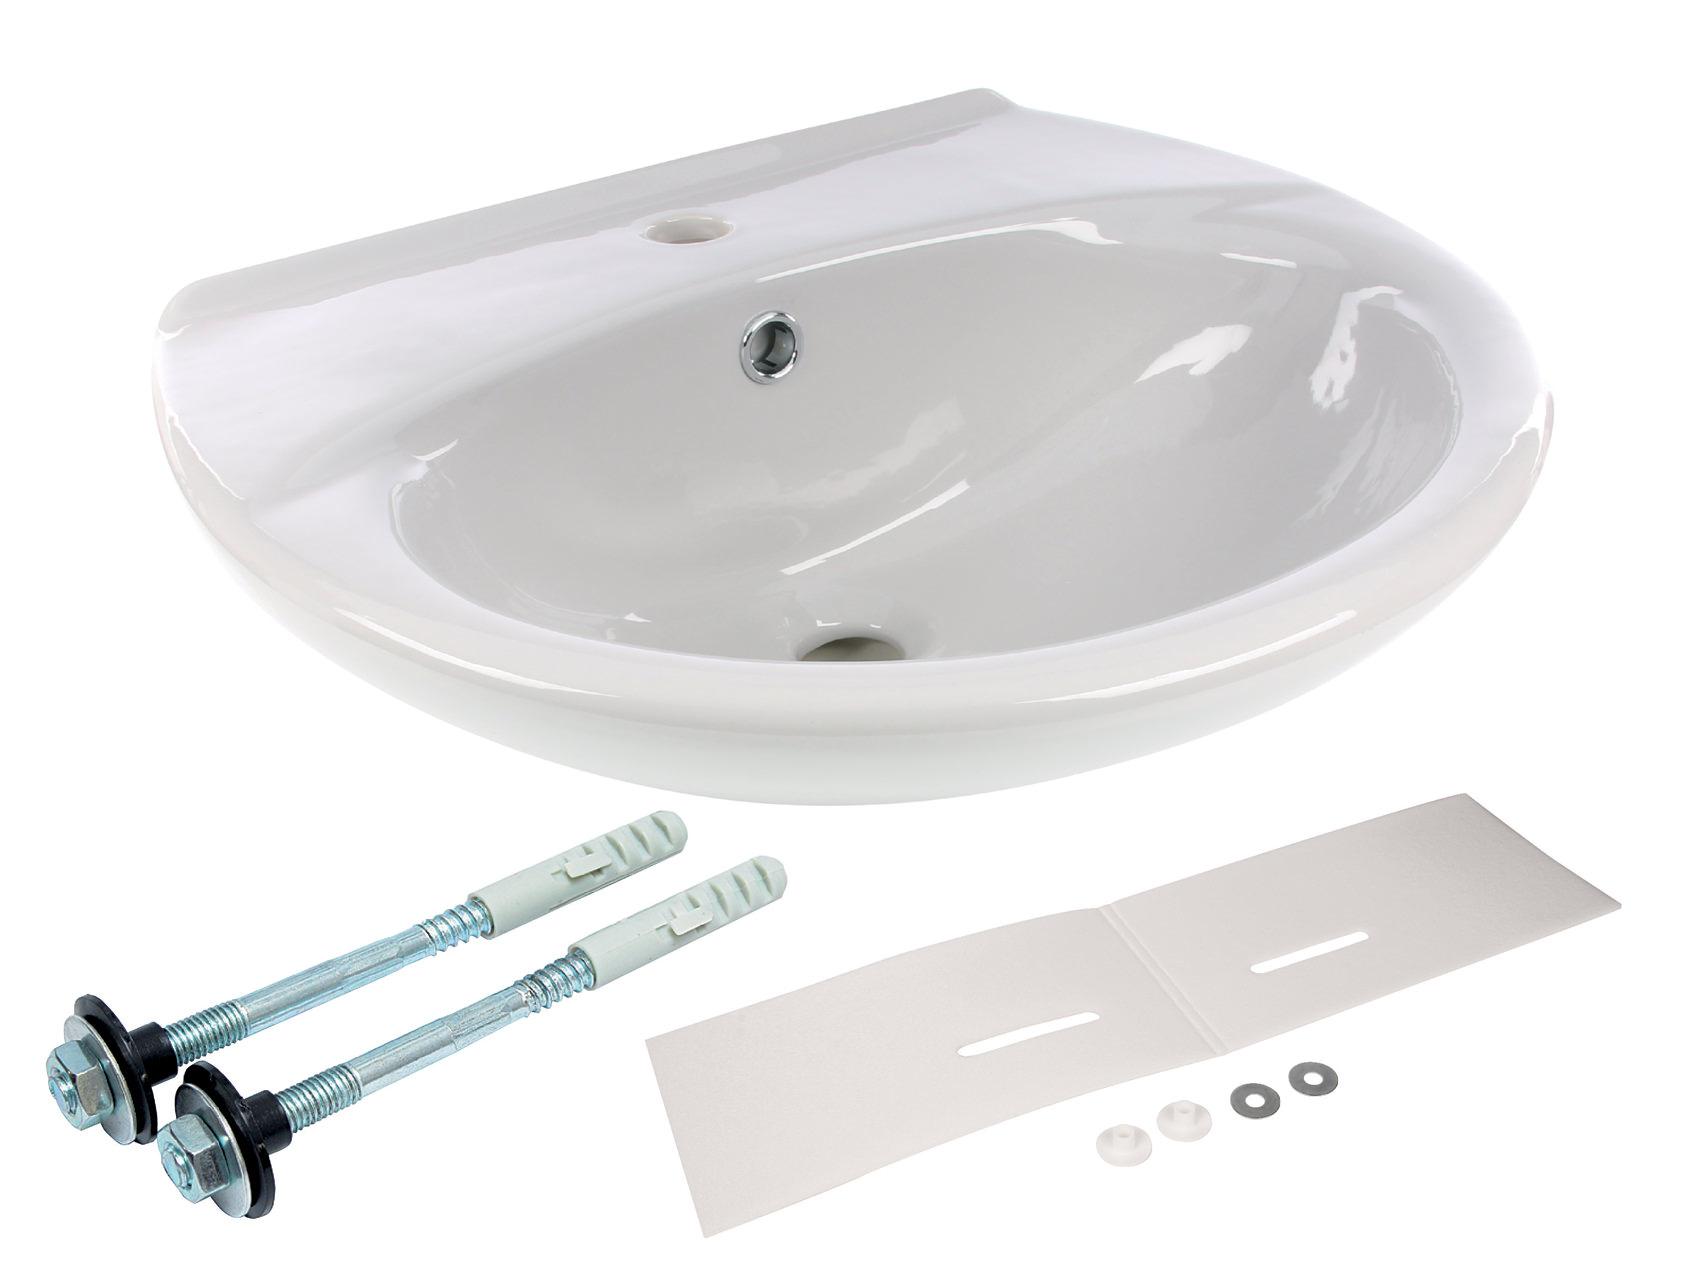 Komplett Badezimmer Kaufen Unique Farbige Waschbecken Fa¼rs Retro Bad Online Kaufen Calmwaters ...